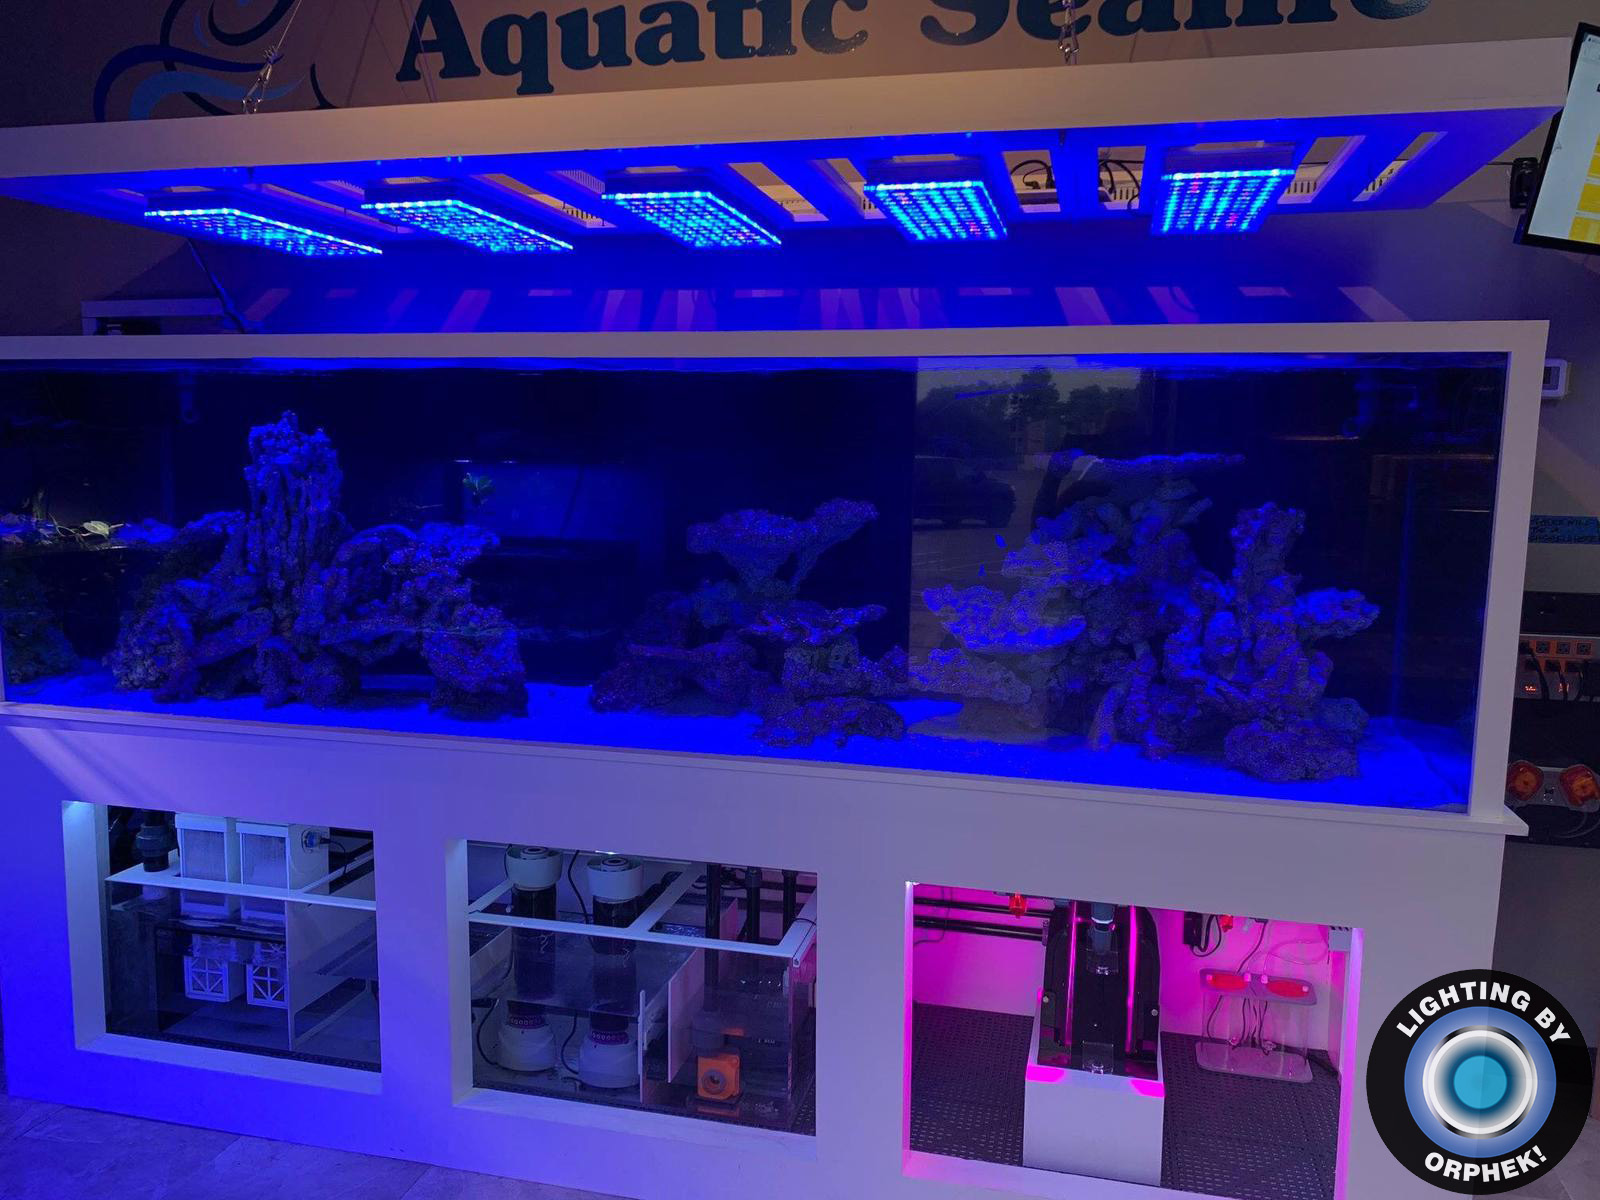 miglior enorme serbatoio LED per barriera corallina che illumina 2020